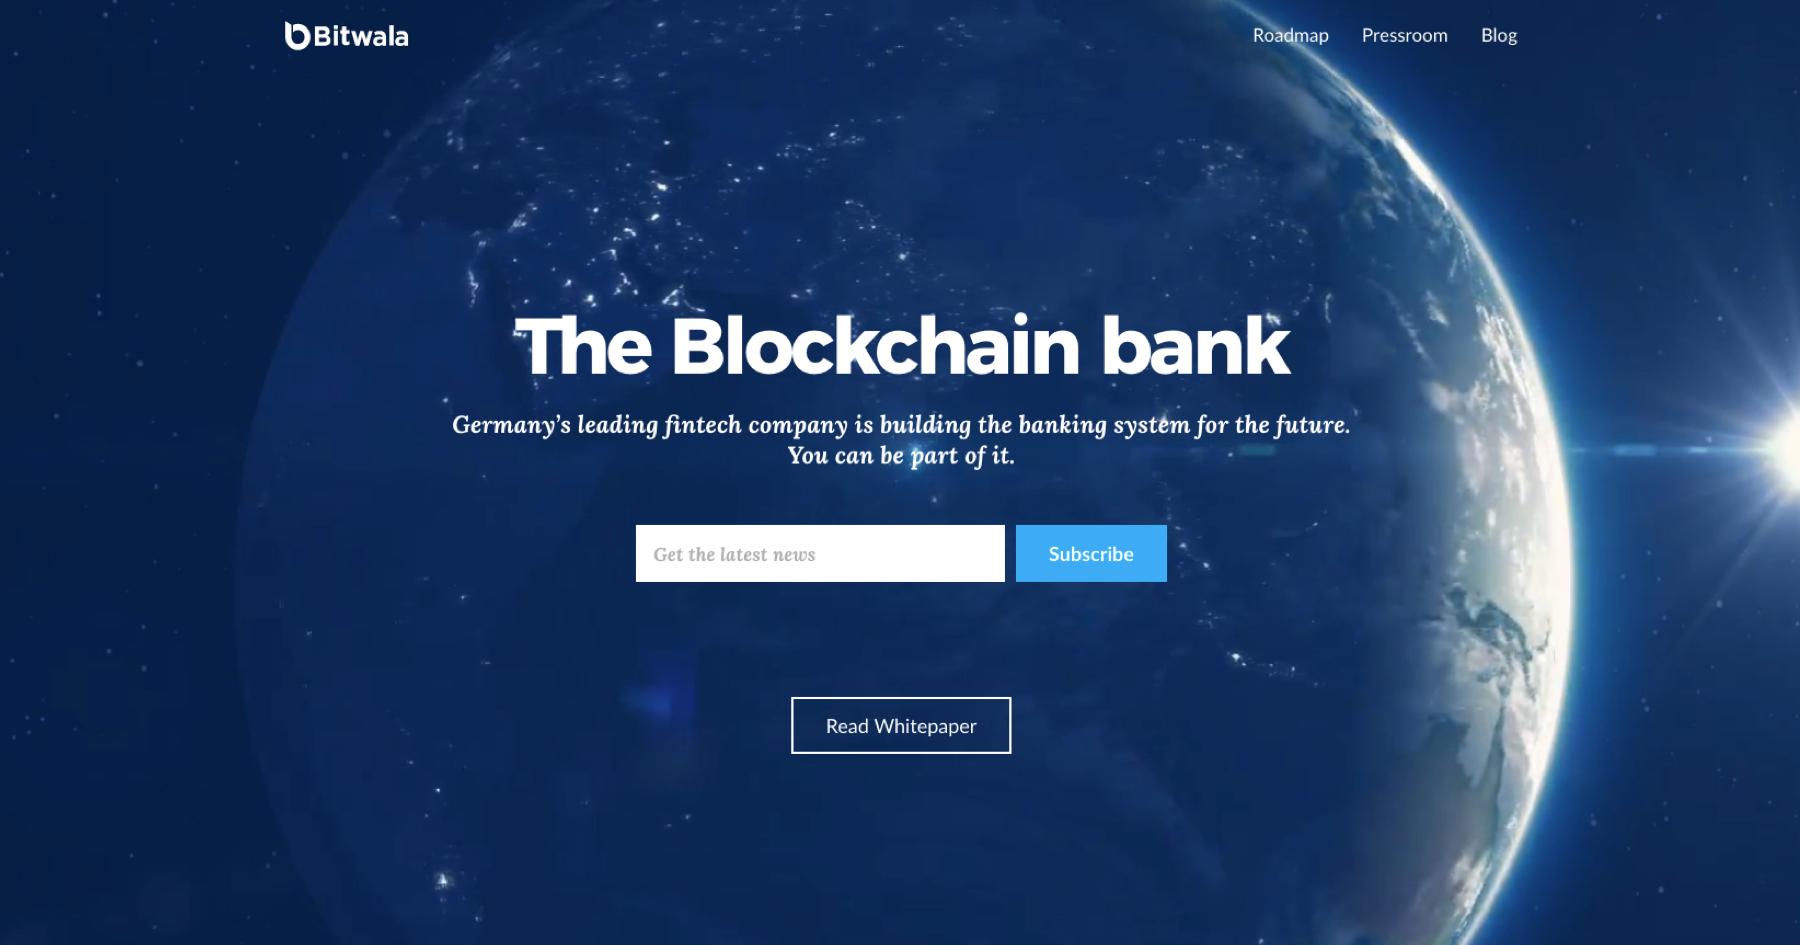 Ngân hàng Bắc Âu Giant Nordea mở nền tảng giao dịch Blockchain